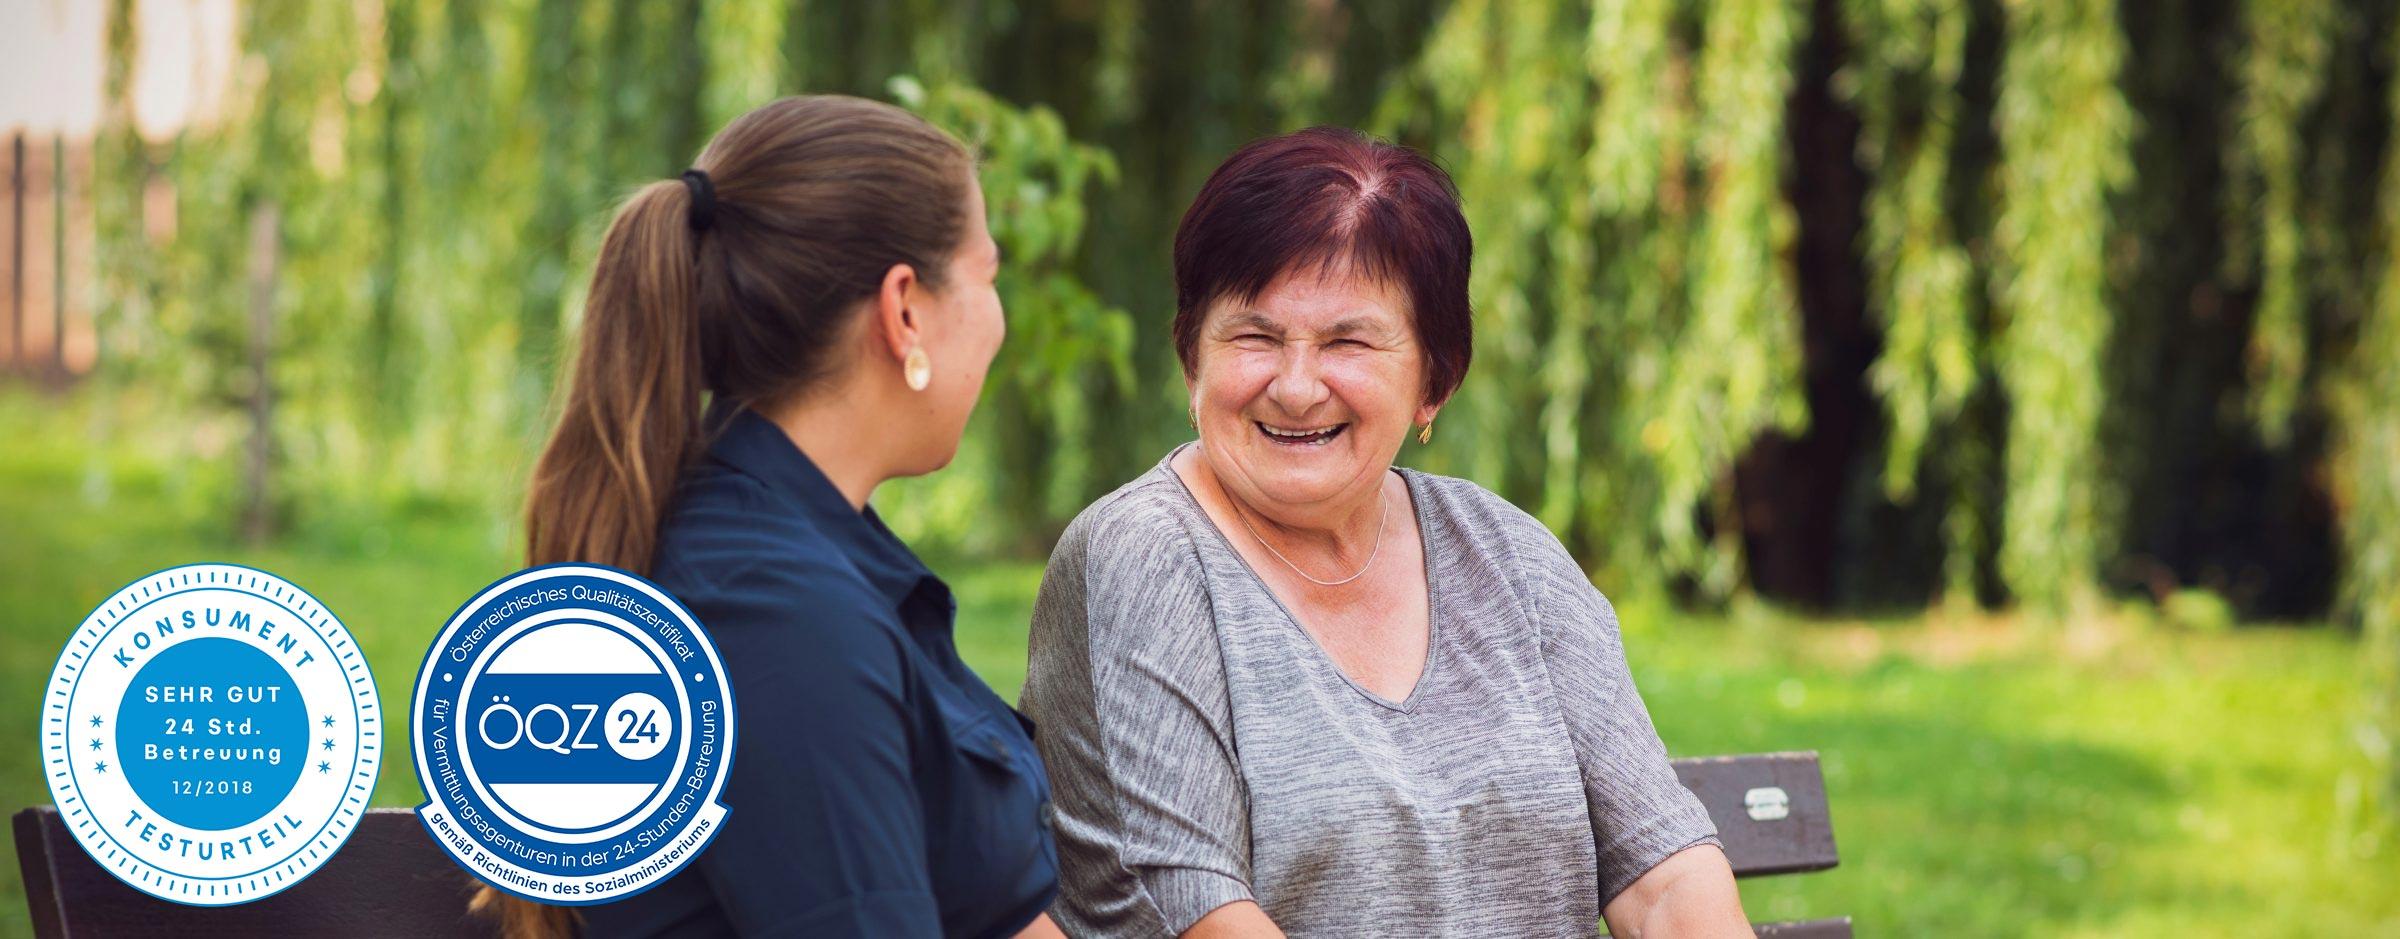 24 Stunden-Betreuung durch BestCare24-Pflegekräfte